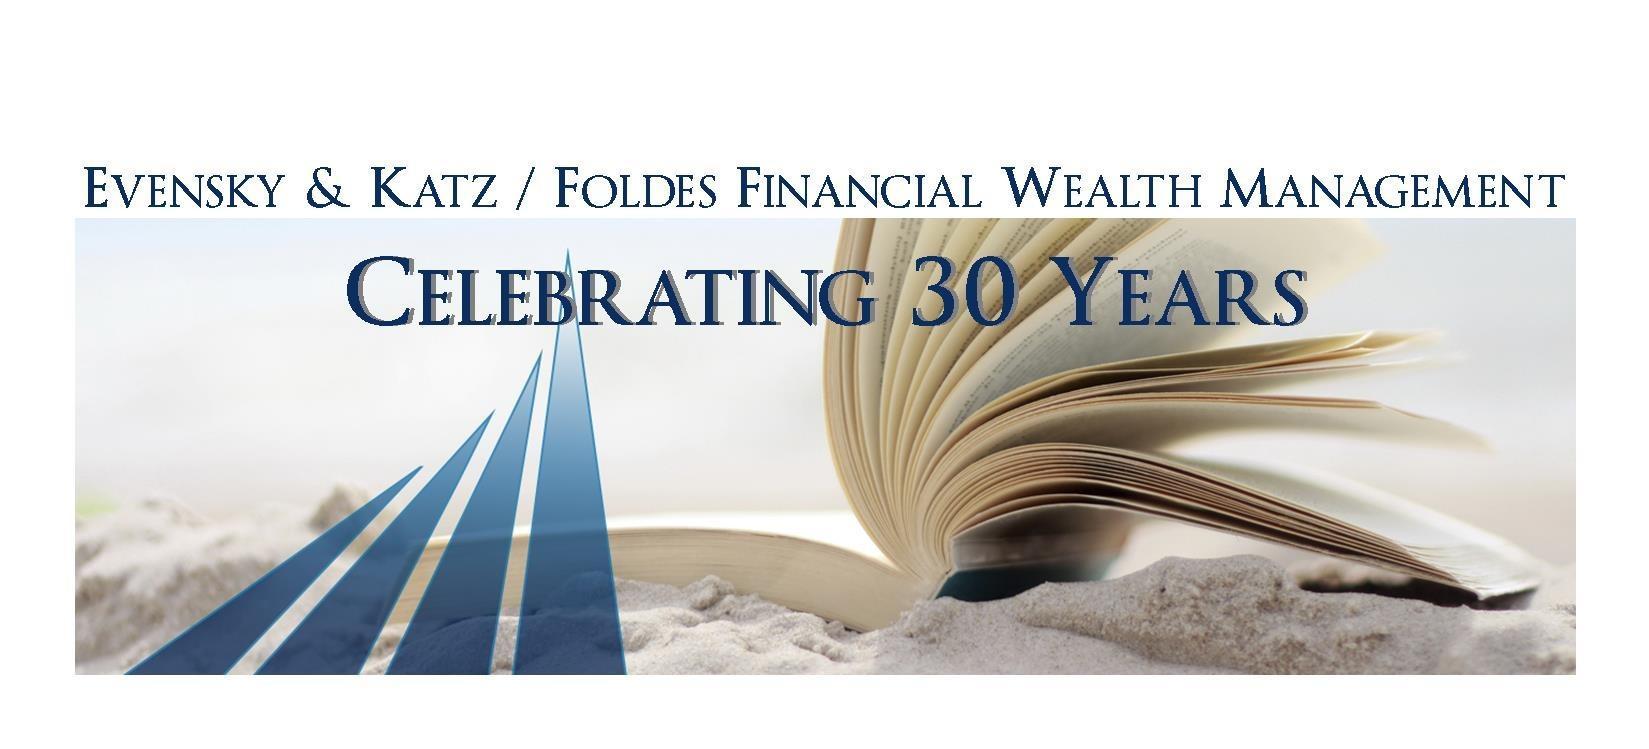 Evensky & Katz / Foldes Financial Wealth Management image 2